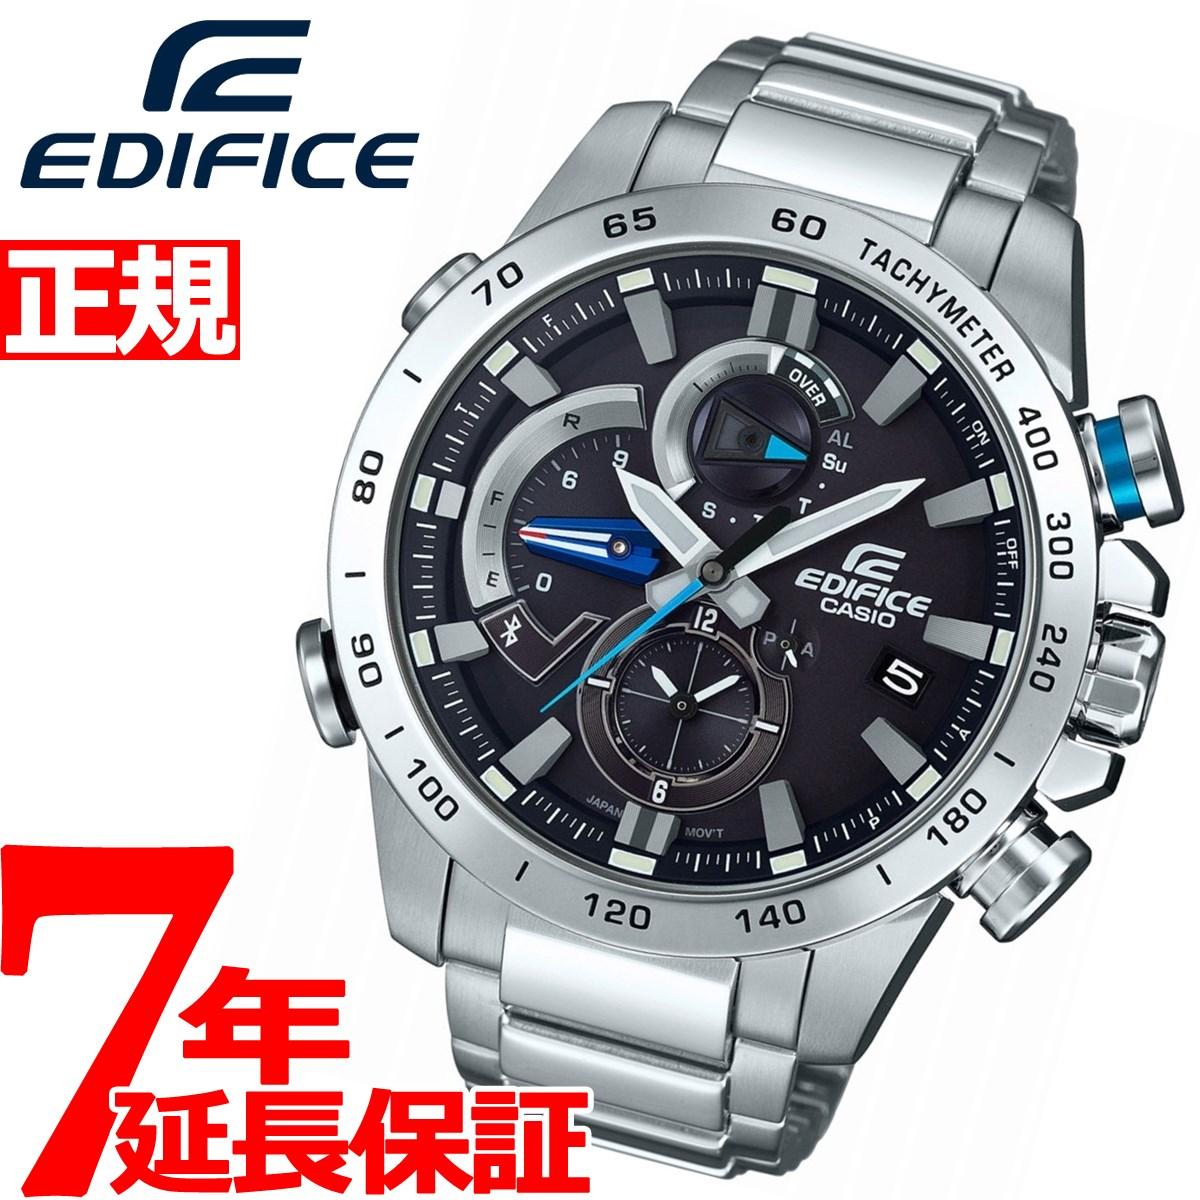 カシオ エディフィス CASIO EDIFICE Bluetooth ブルートゥース 対応 ソーラー 腕時計 メンズ RACE LAP CHRONOGRAPH タフソーラー EQB-800D-1AJF